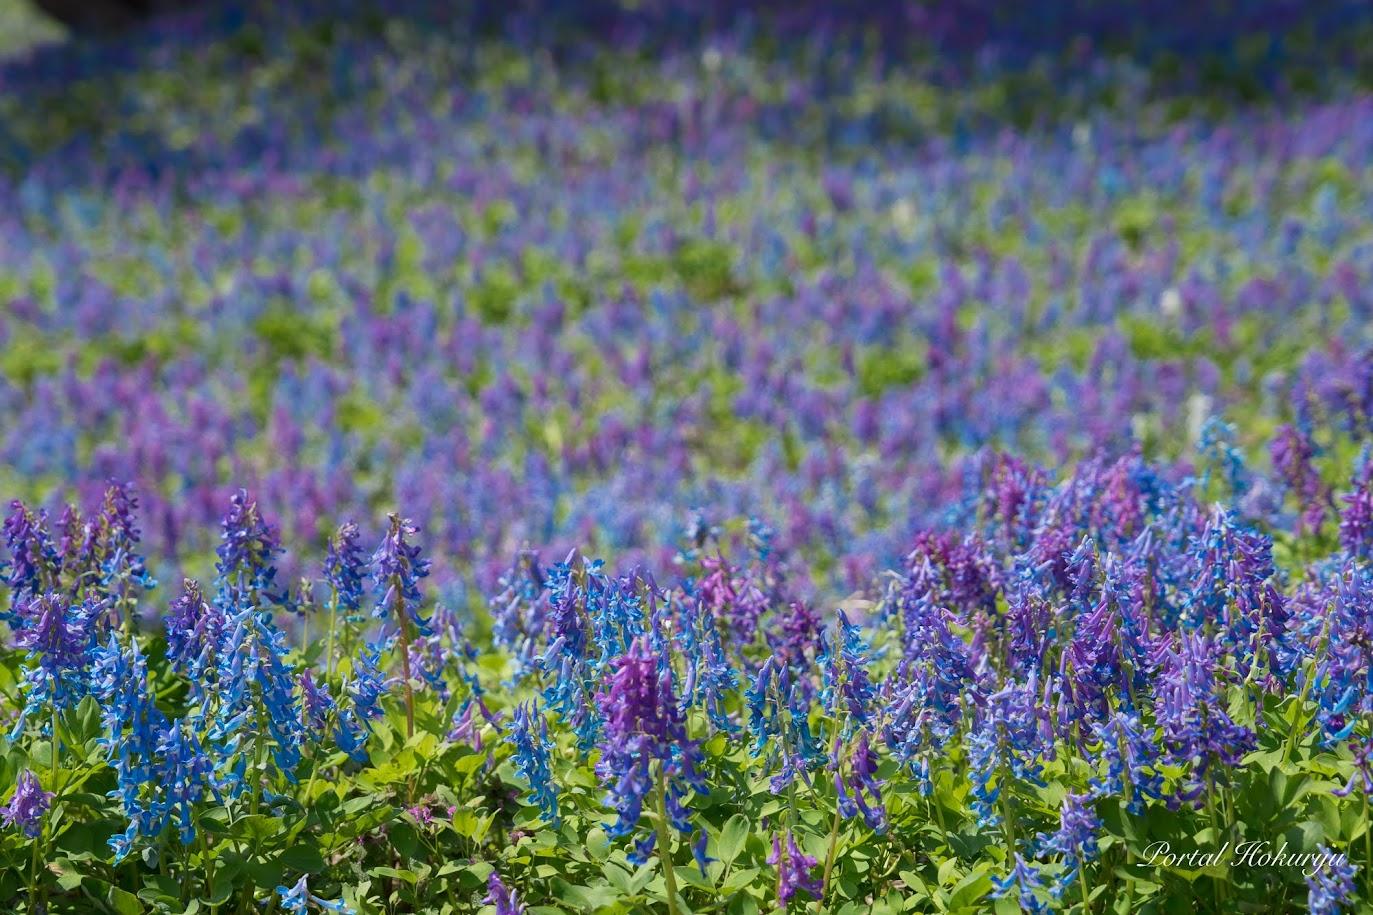 ブルーとヴァイオレットの神秘的な花園